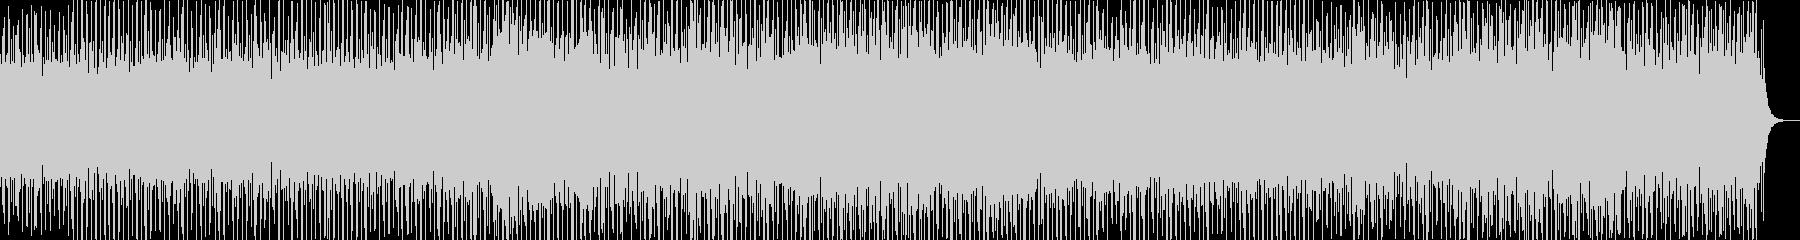 オープニングイメージの希望を感じるBGMの未再生の波形